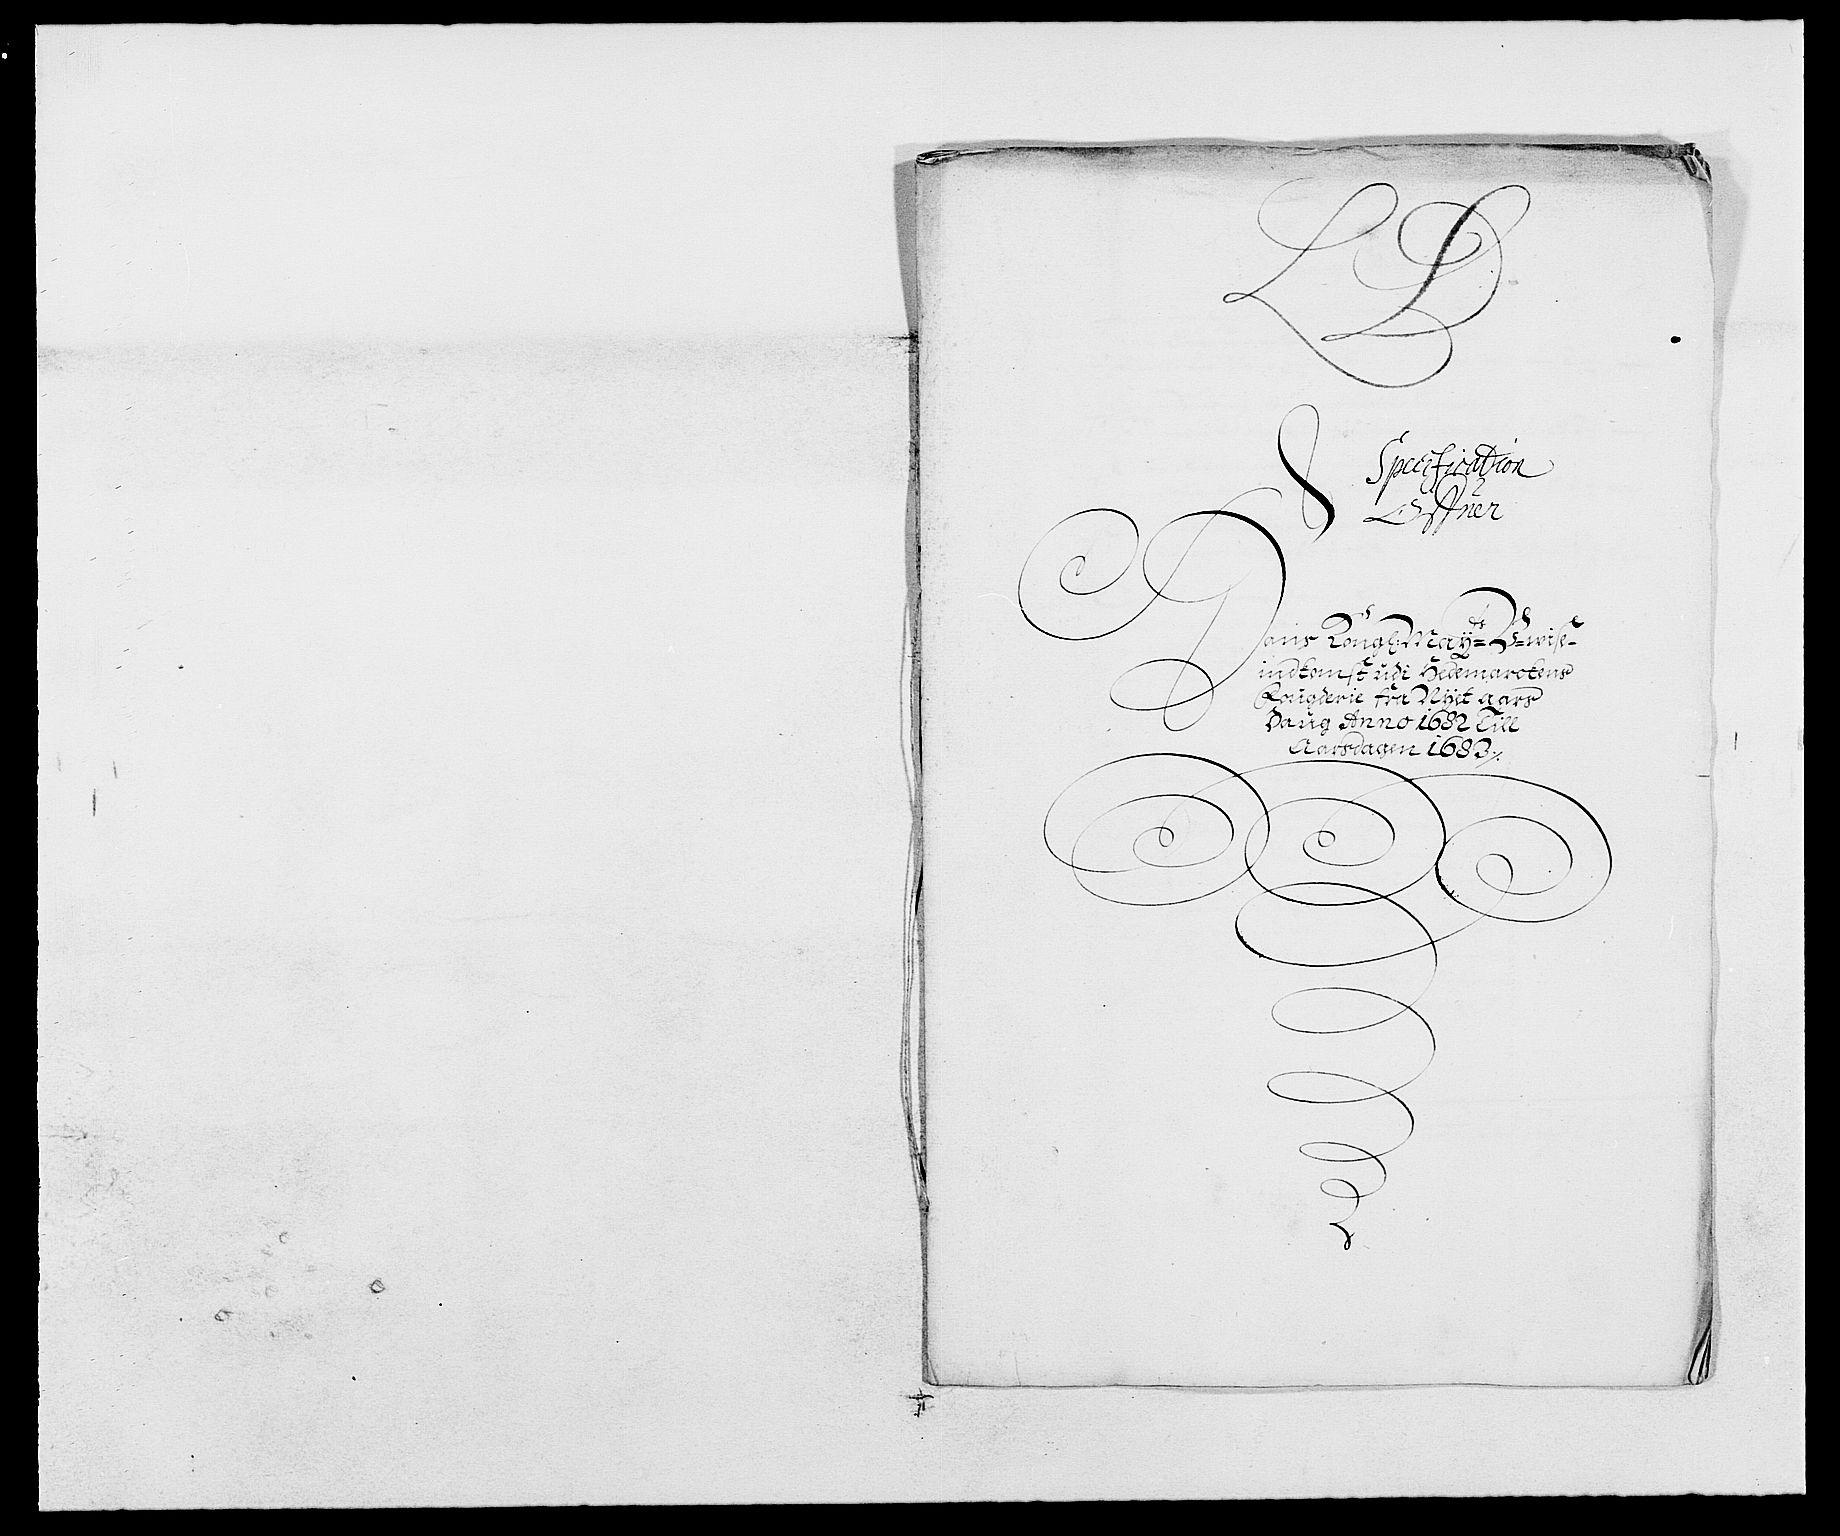 RA, Rentekammeret inntil 1814, Reviderte regnskaper, Fogderegnskap, R16/L1022: Fogderegnskap Hedmark, 1682, s. 153